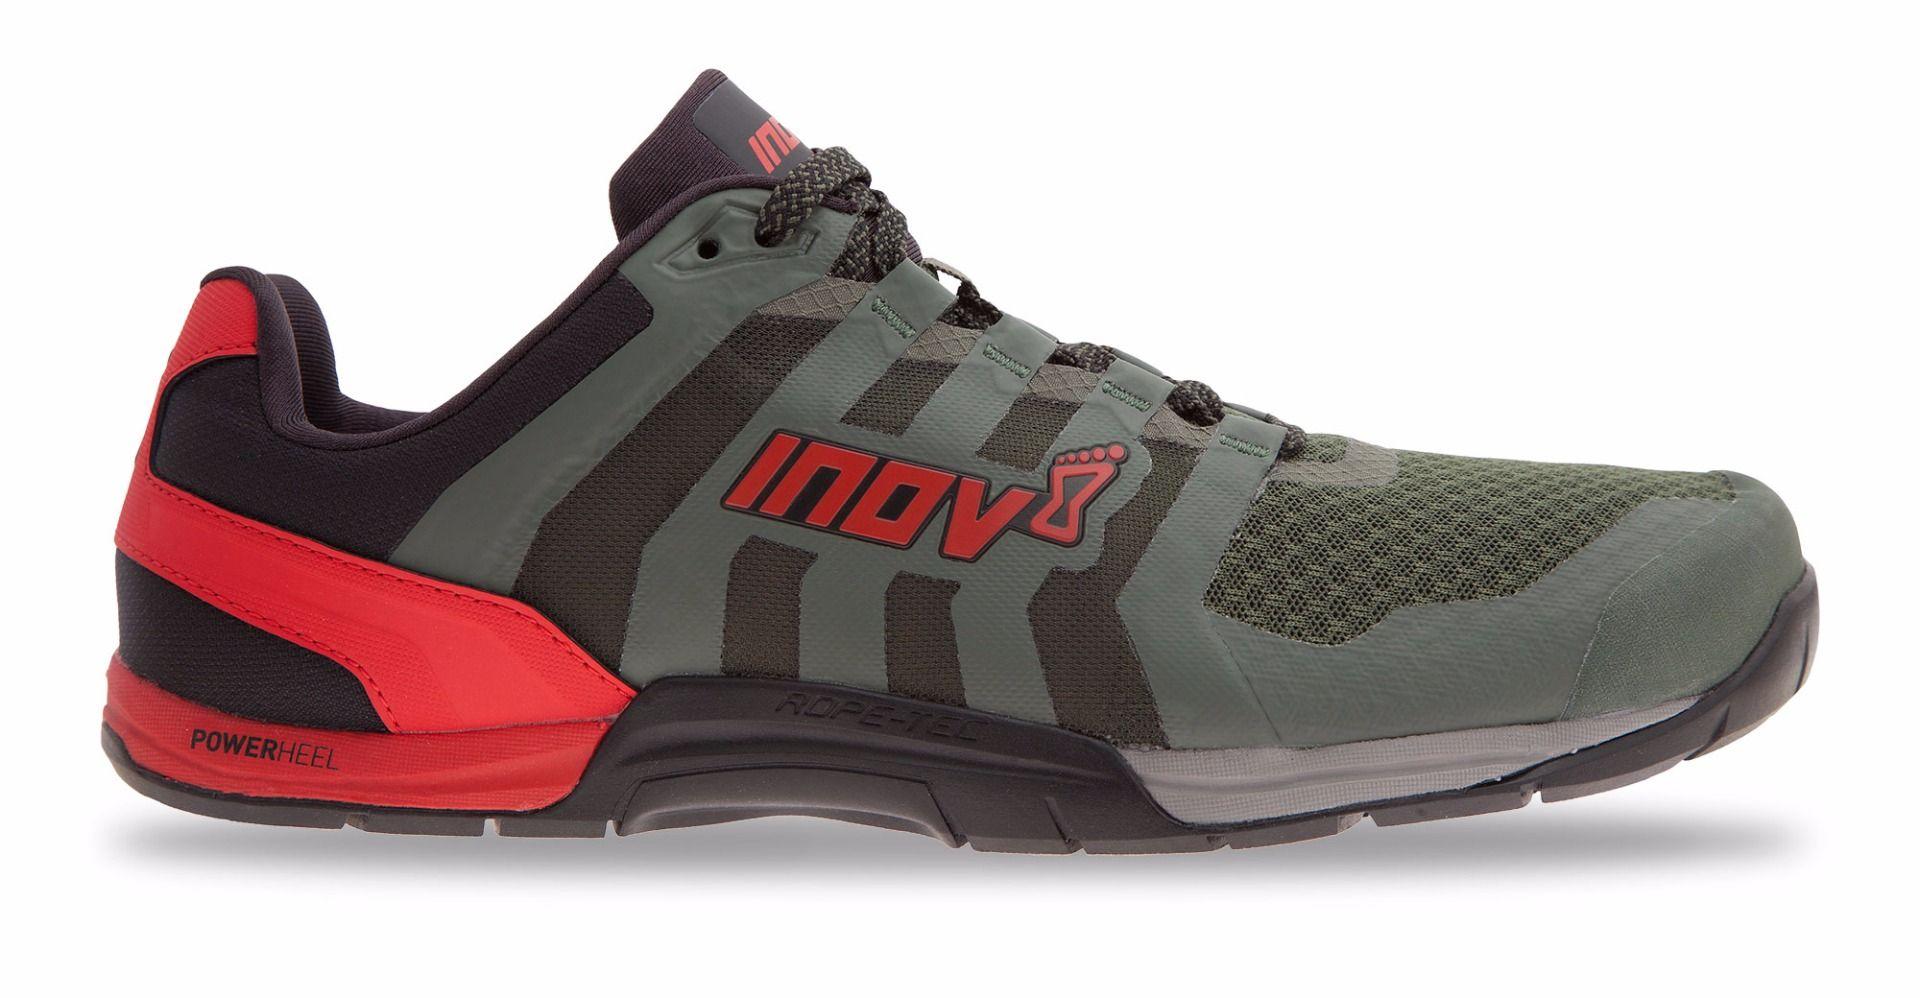 Inov-8 F-Lite 235 Fitness schoenen Heren - Donker Groen / Zwart / Rood - 45 thumbnail